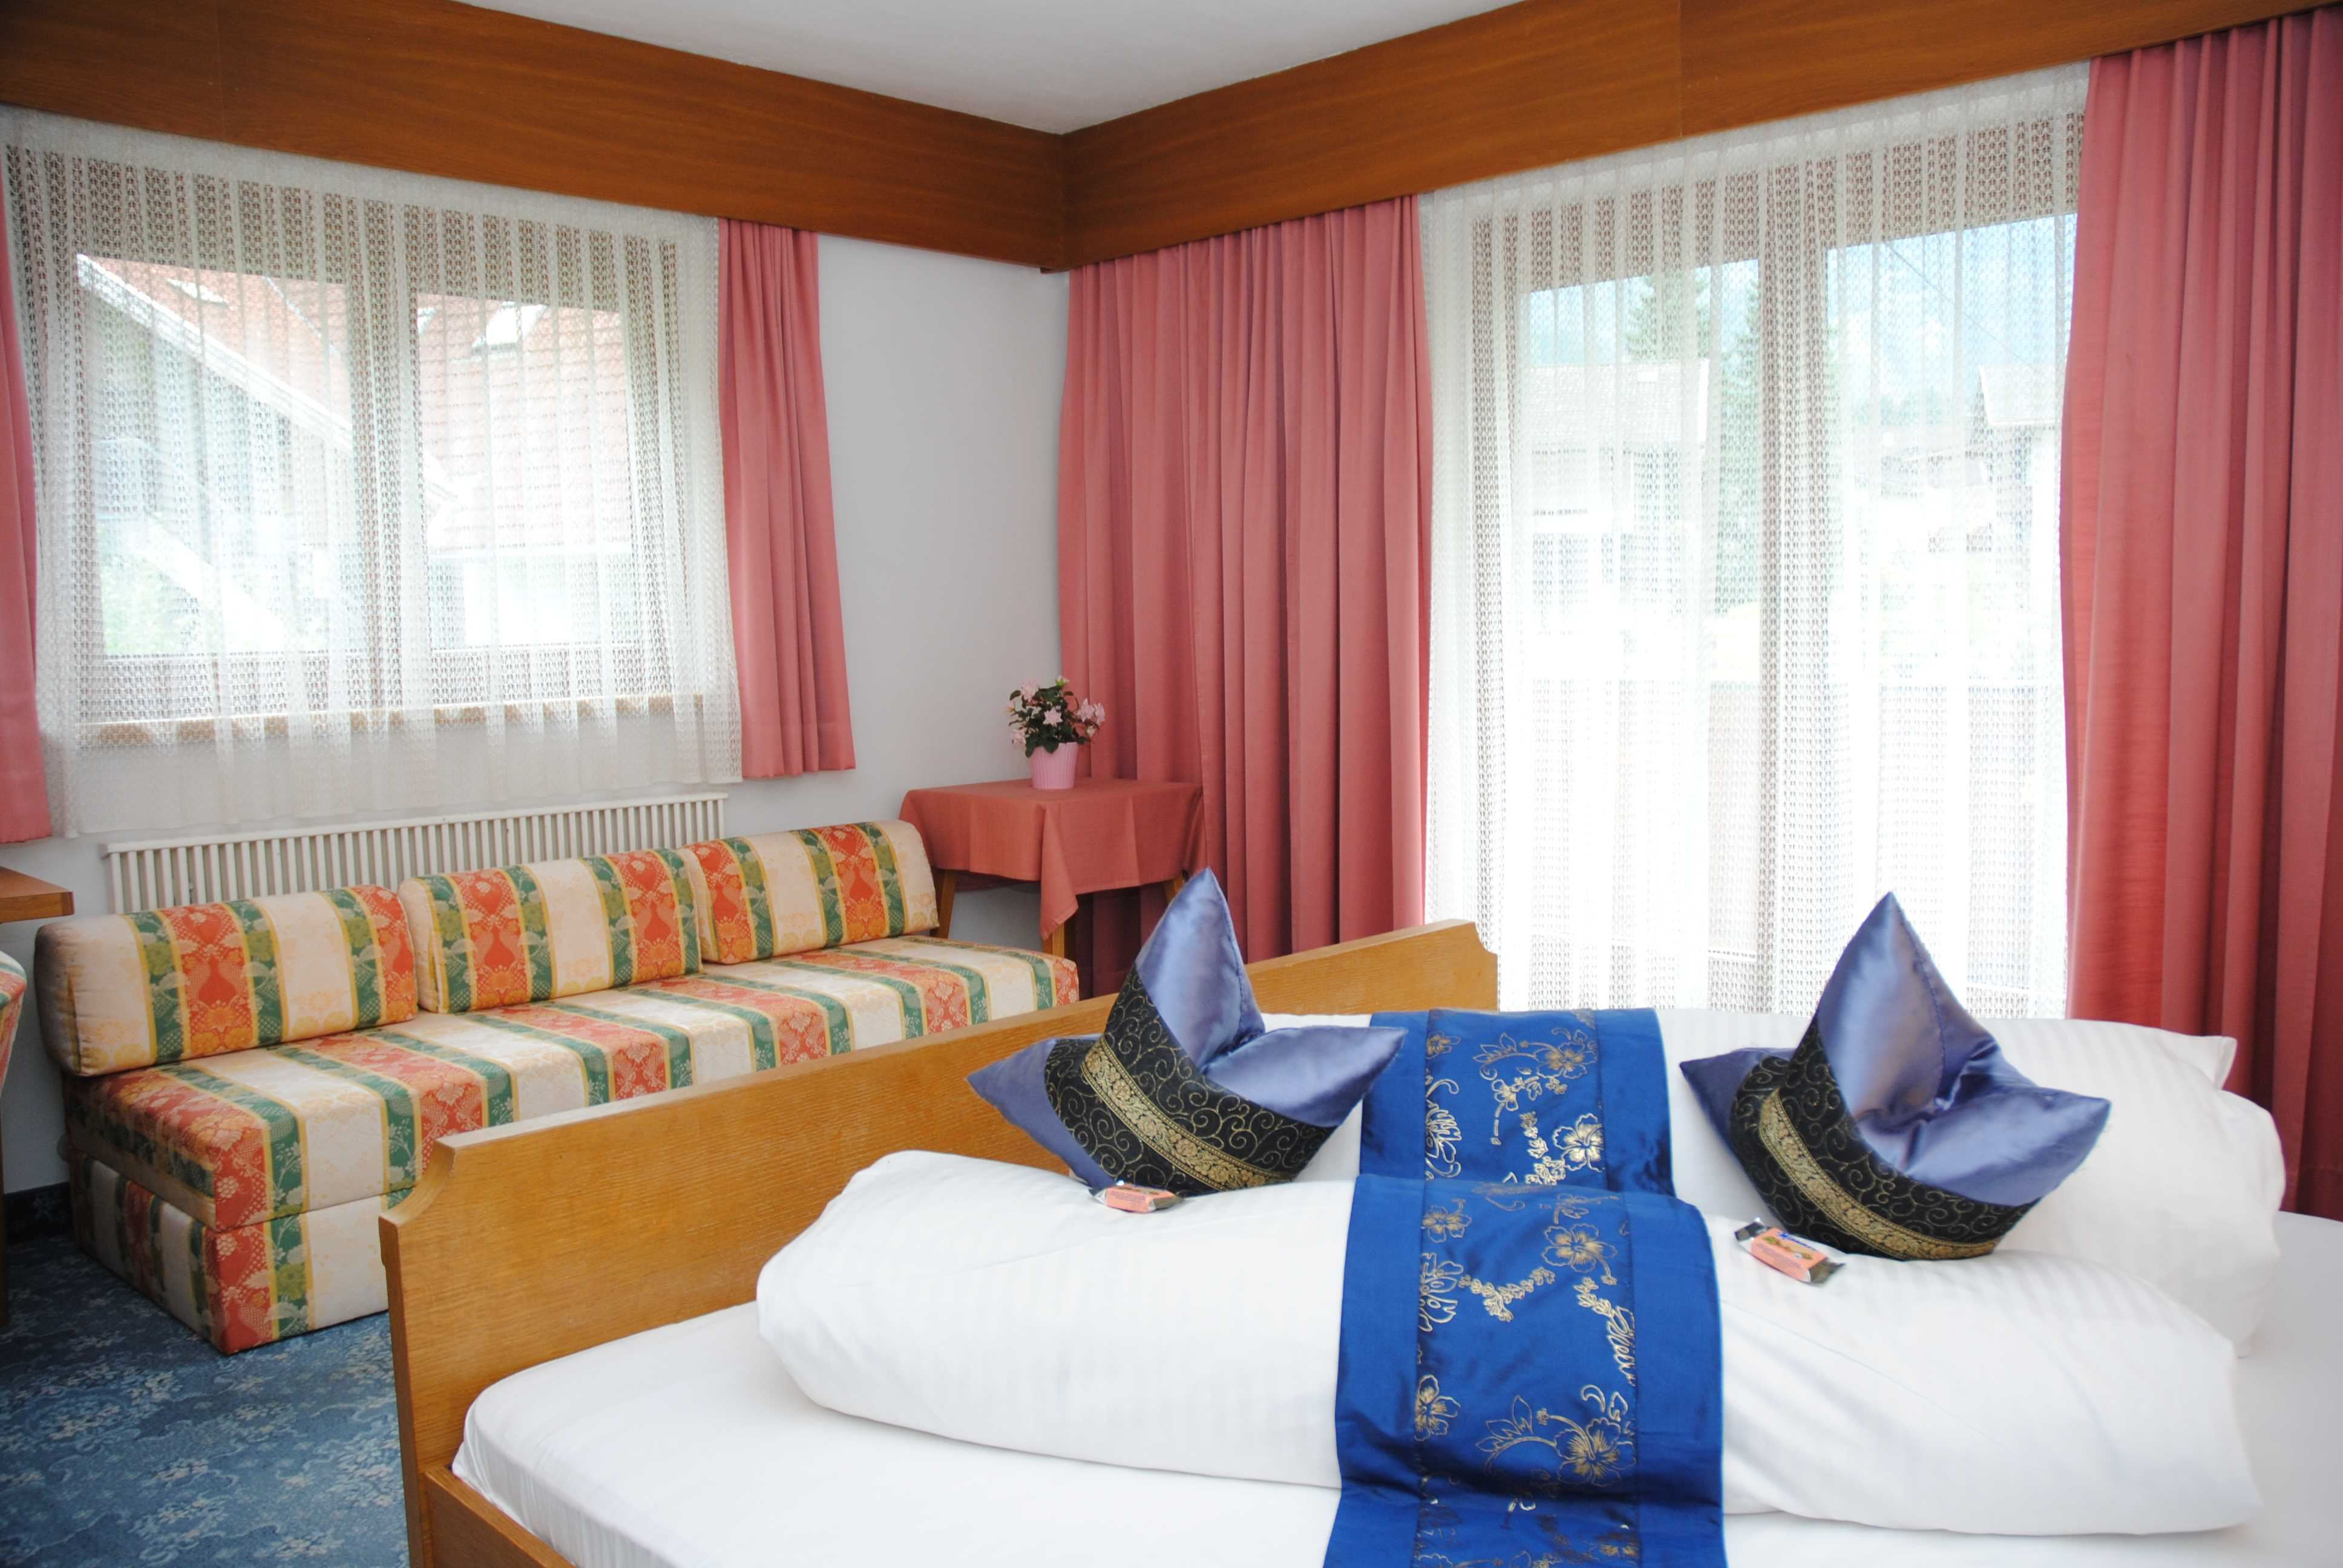 Hotel Maria Theresia - Mayrhofen